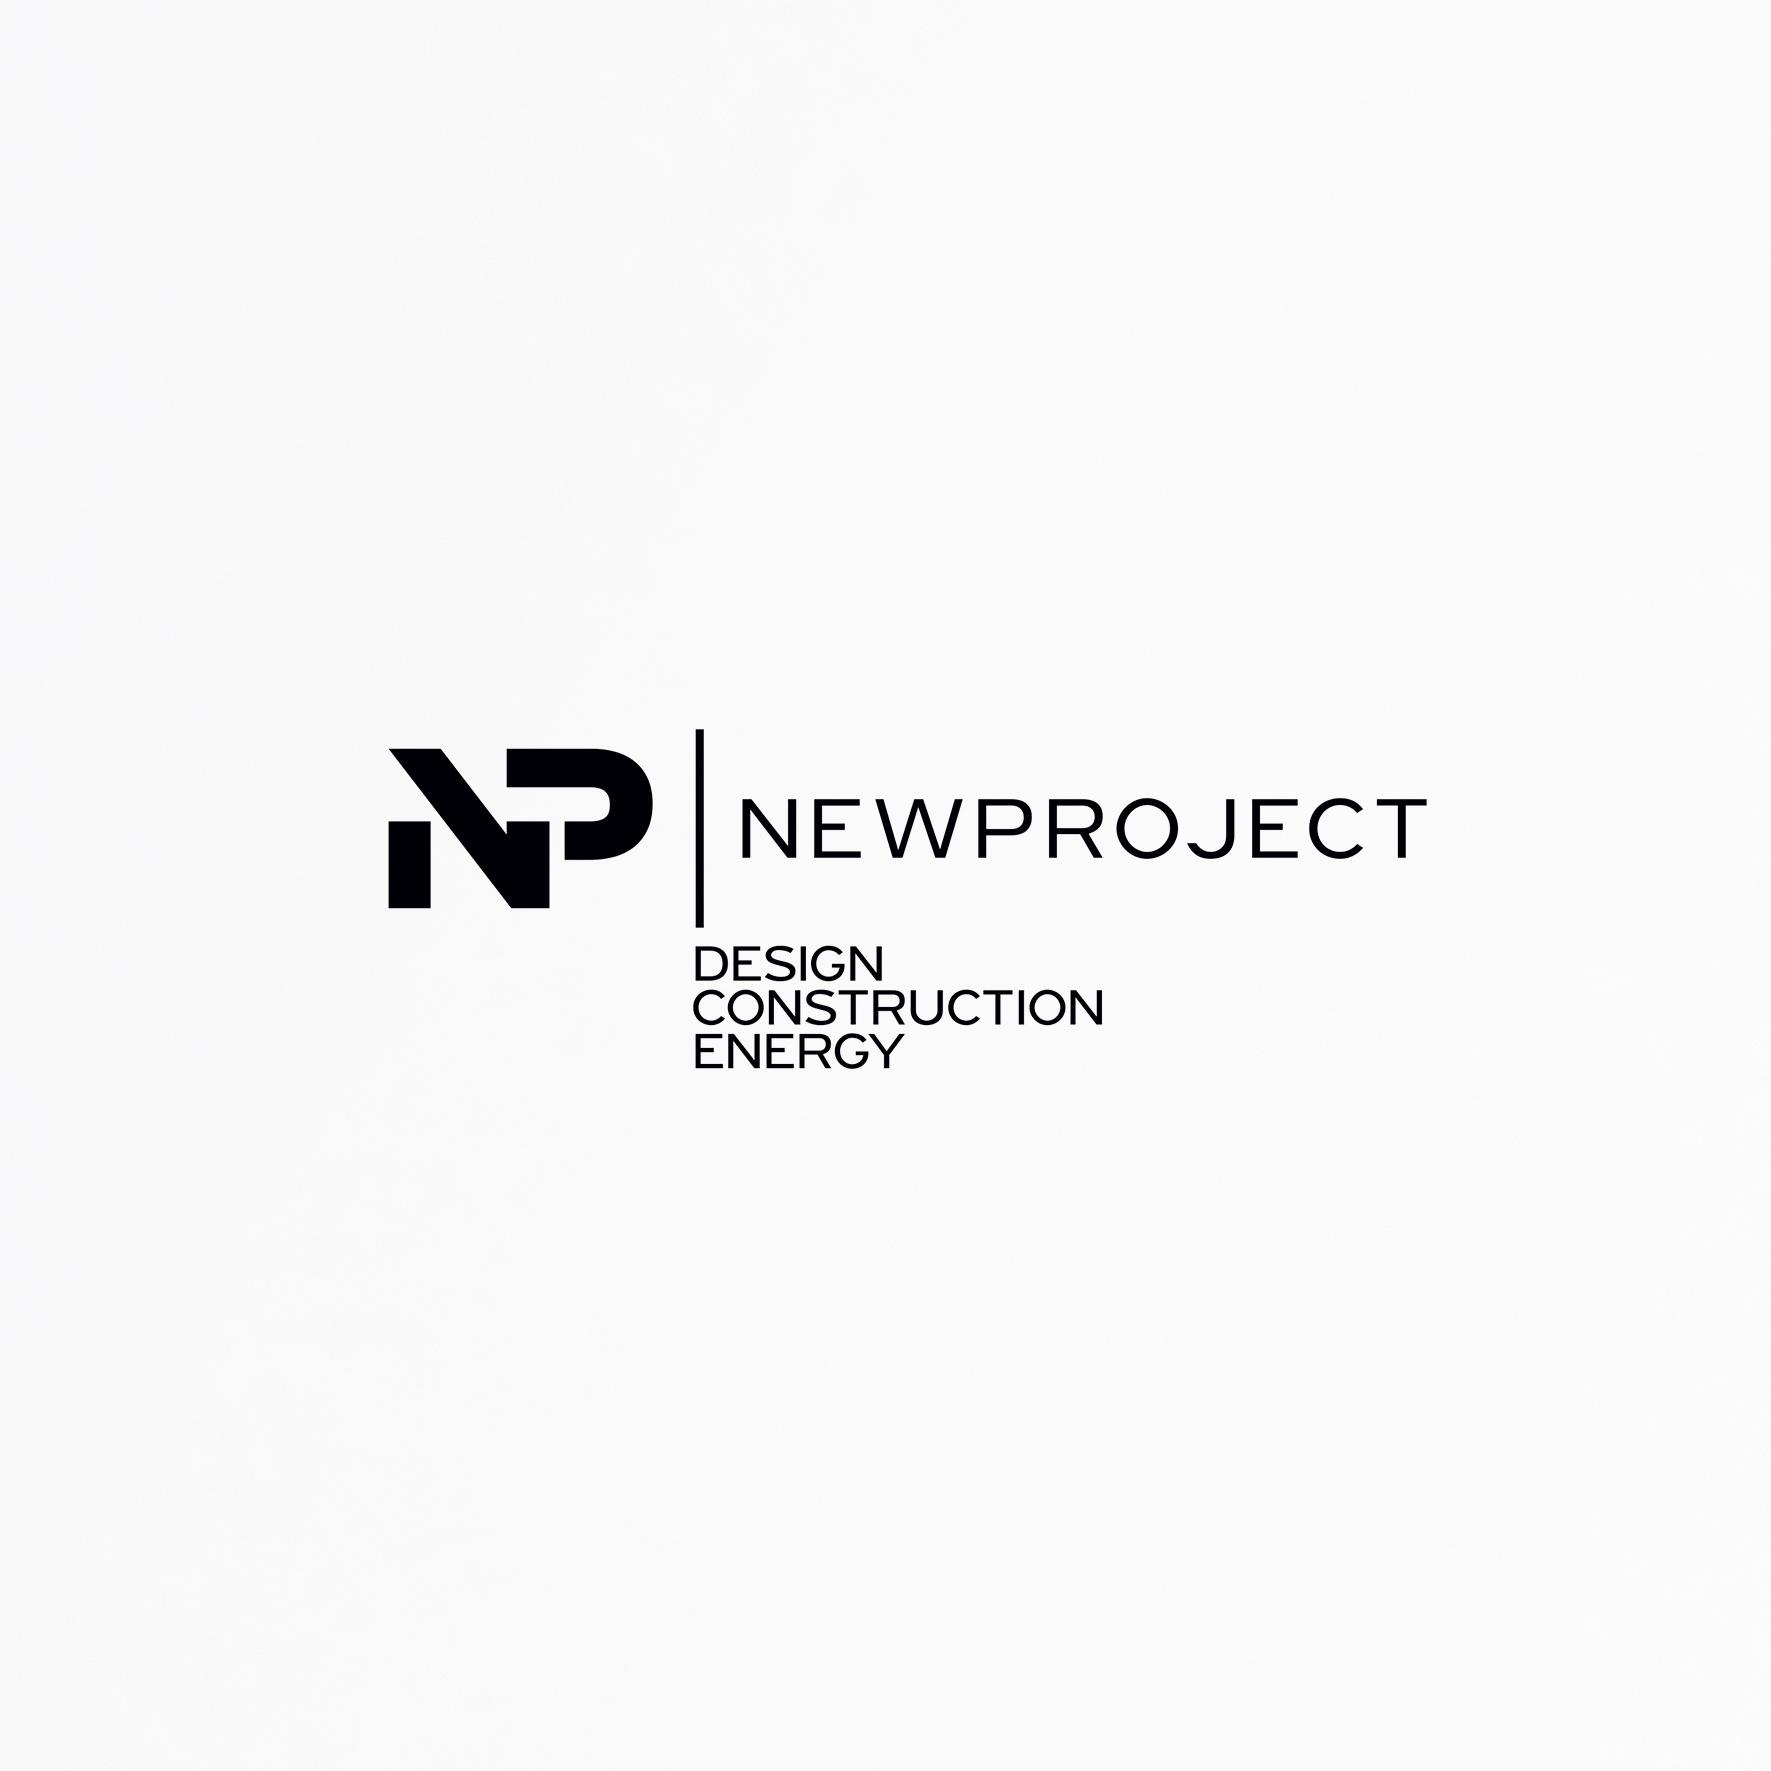 https://0501.nccdn.net/4_2/000/000/038/2d3/newproject_by_koukida.jpg